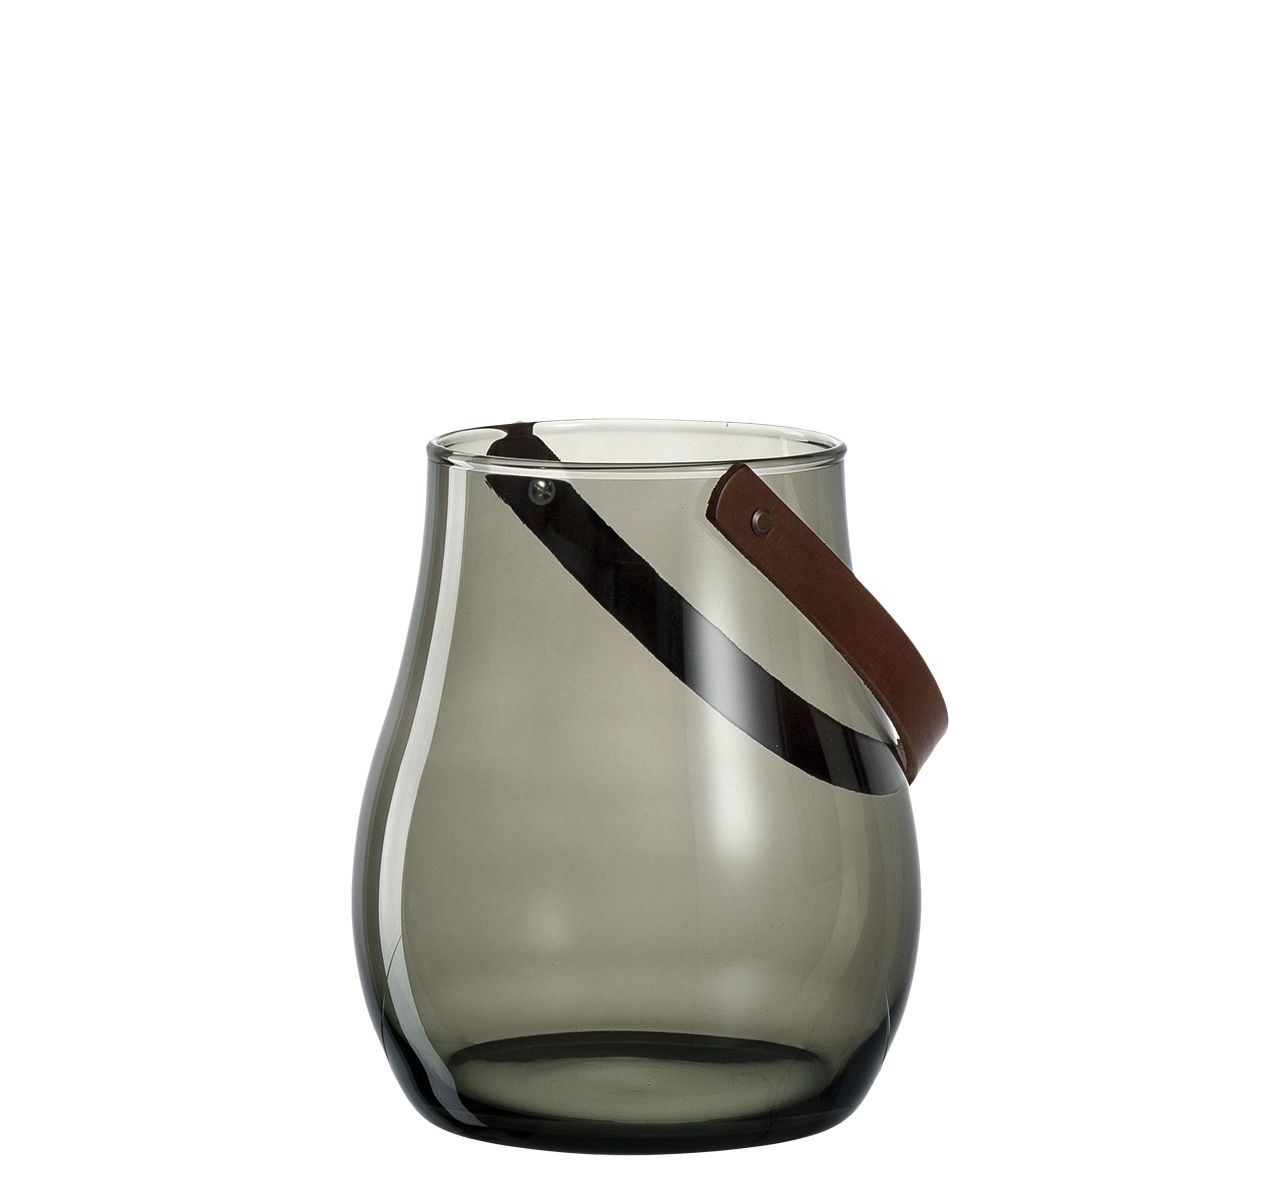 Déco - Bougeoirs, photophores - Photophore Giardino / Fabriqué main - Ø 19 x H 22 cm - Leonardo - Gris transparent - Cuir, Verre